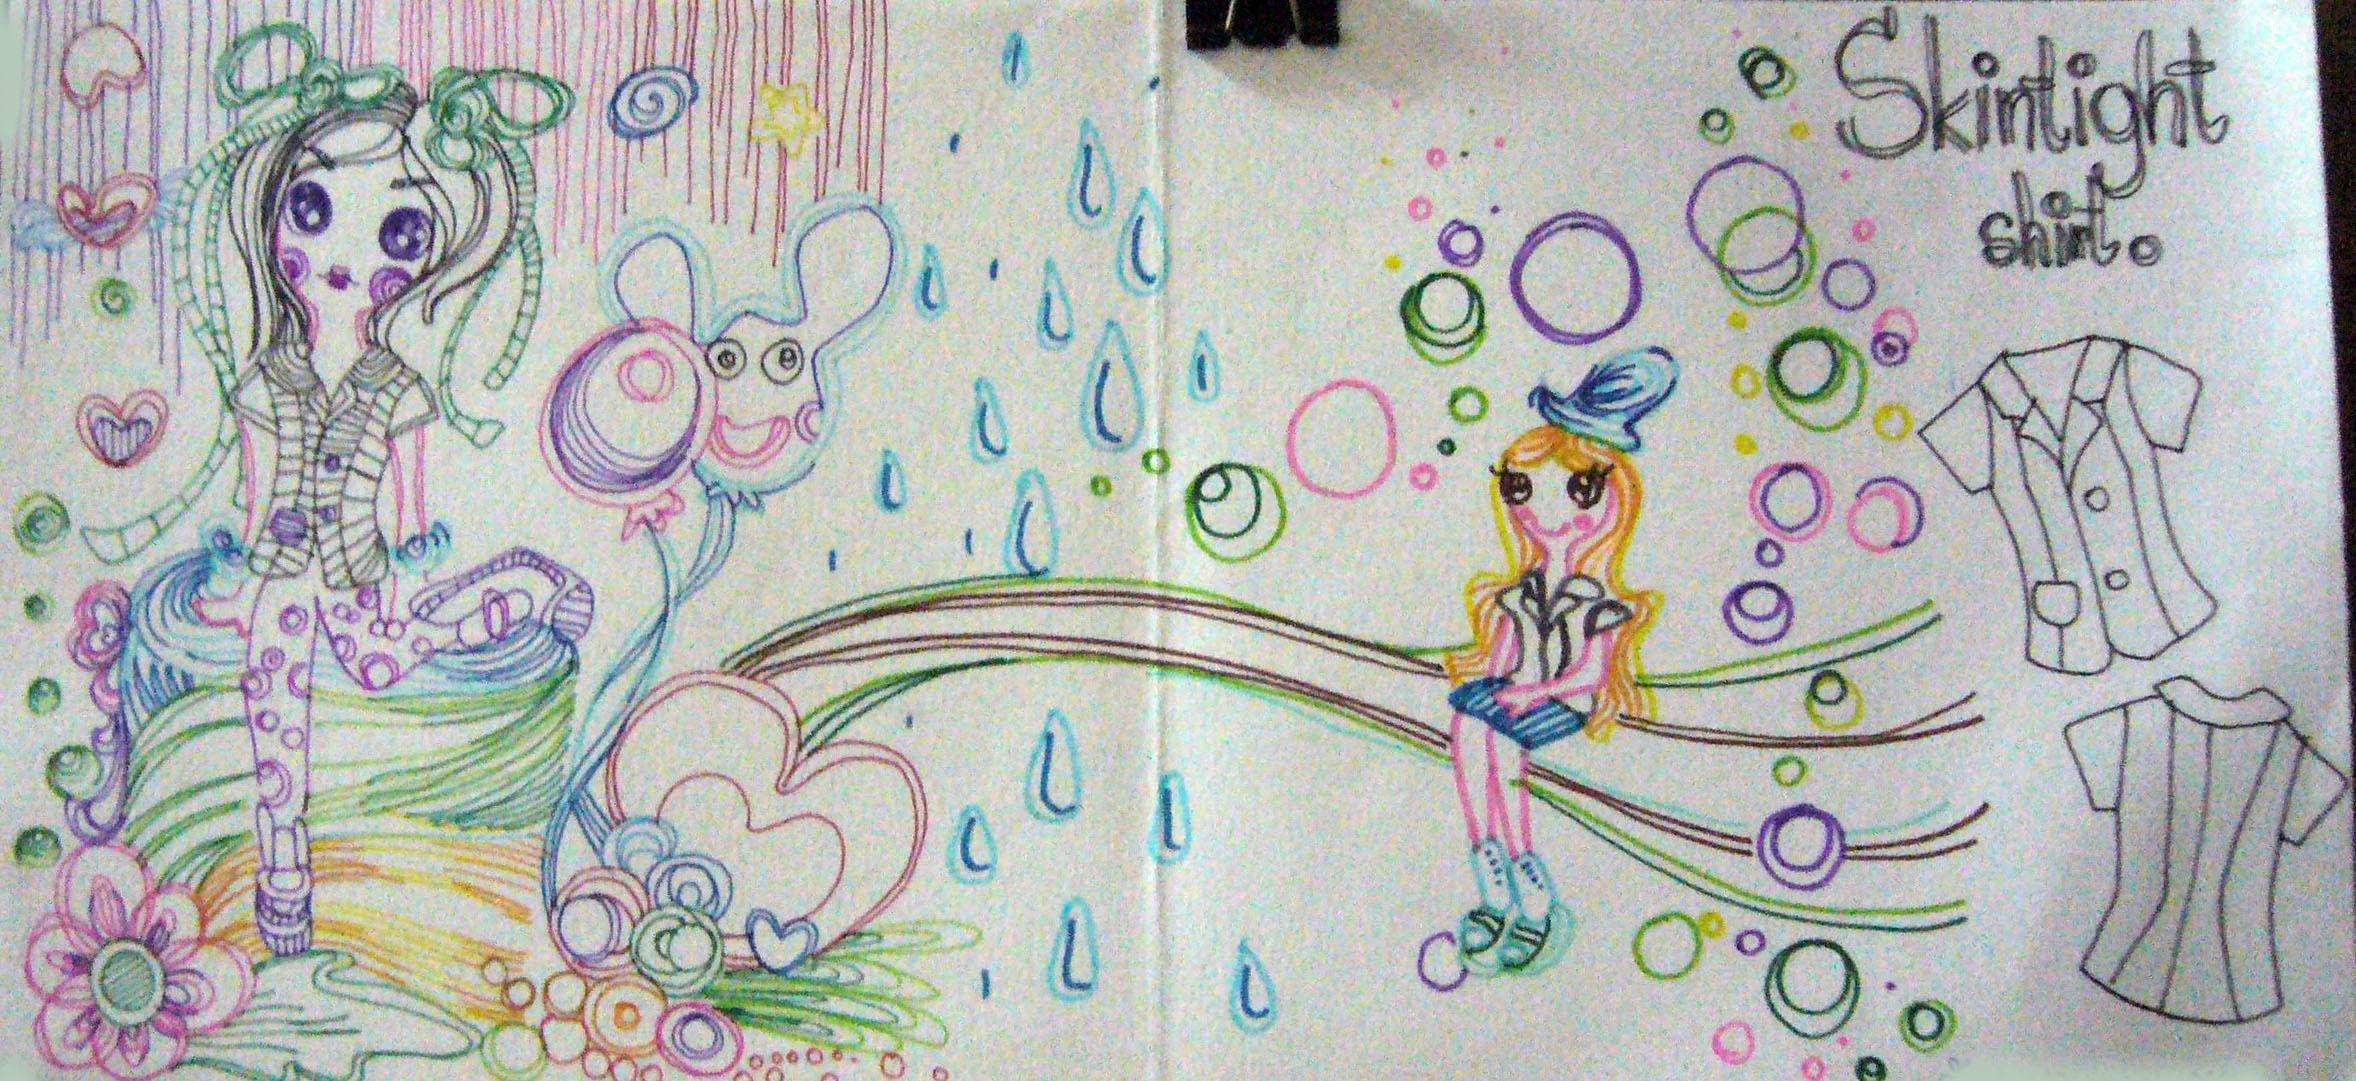 Popular Wallpaper Love Rain - i-love-rain-rima-shugo-chara-30763680-2356-1081  HD_884160.jpg